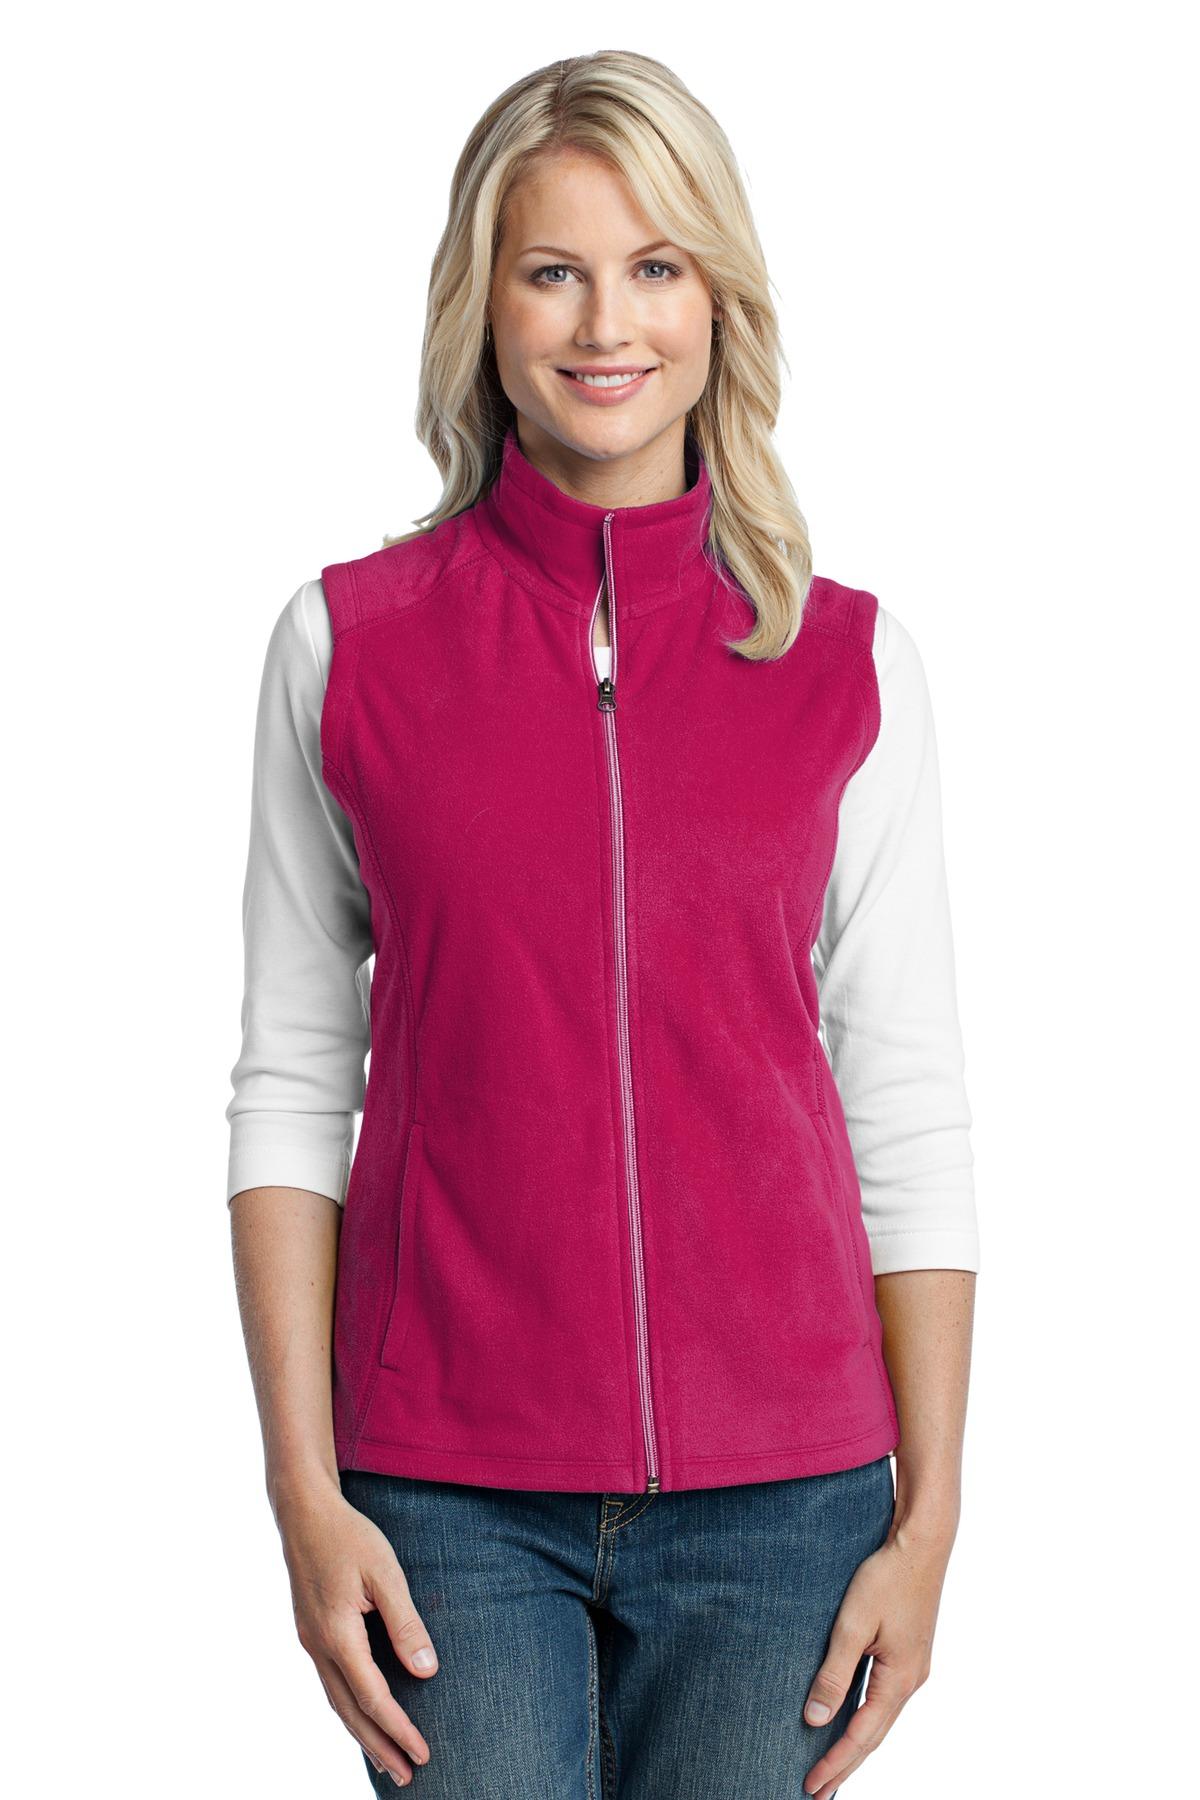 Port Authority Women's Lightweight Microfleece Zipper Vest